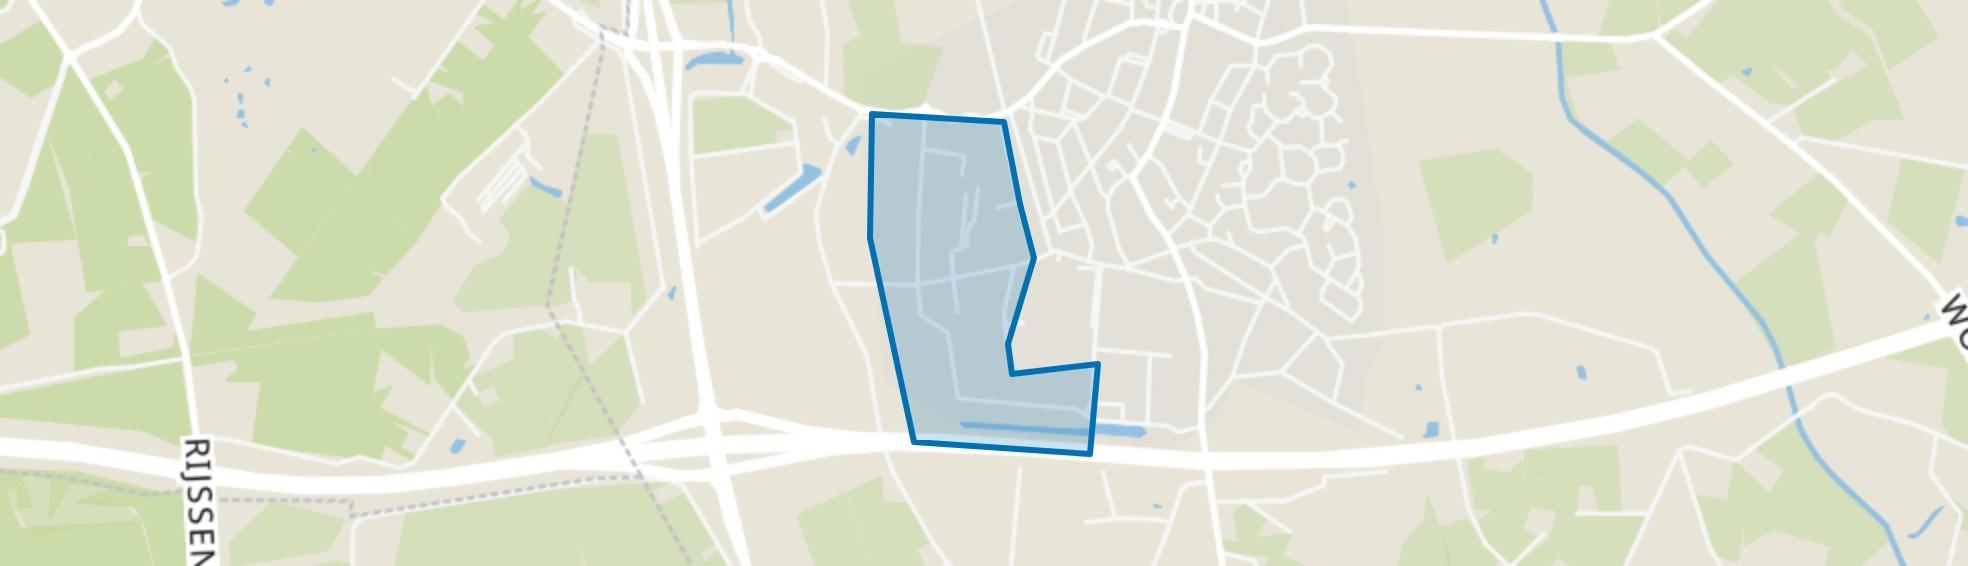 Enter-West, Enter map